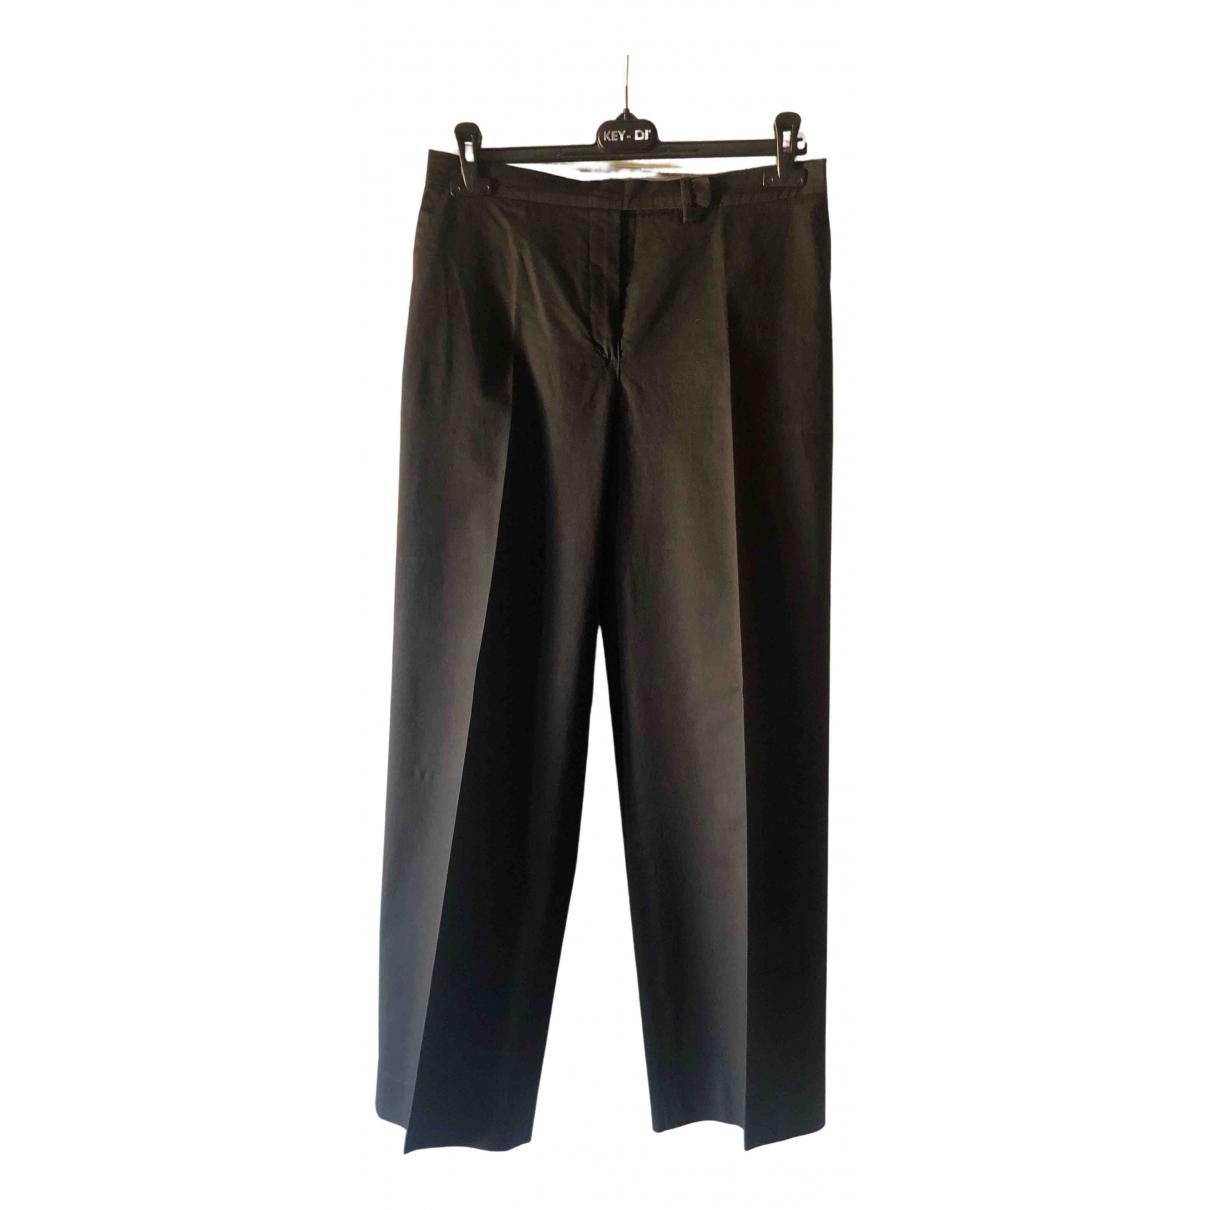 Pantalon recto Peserico